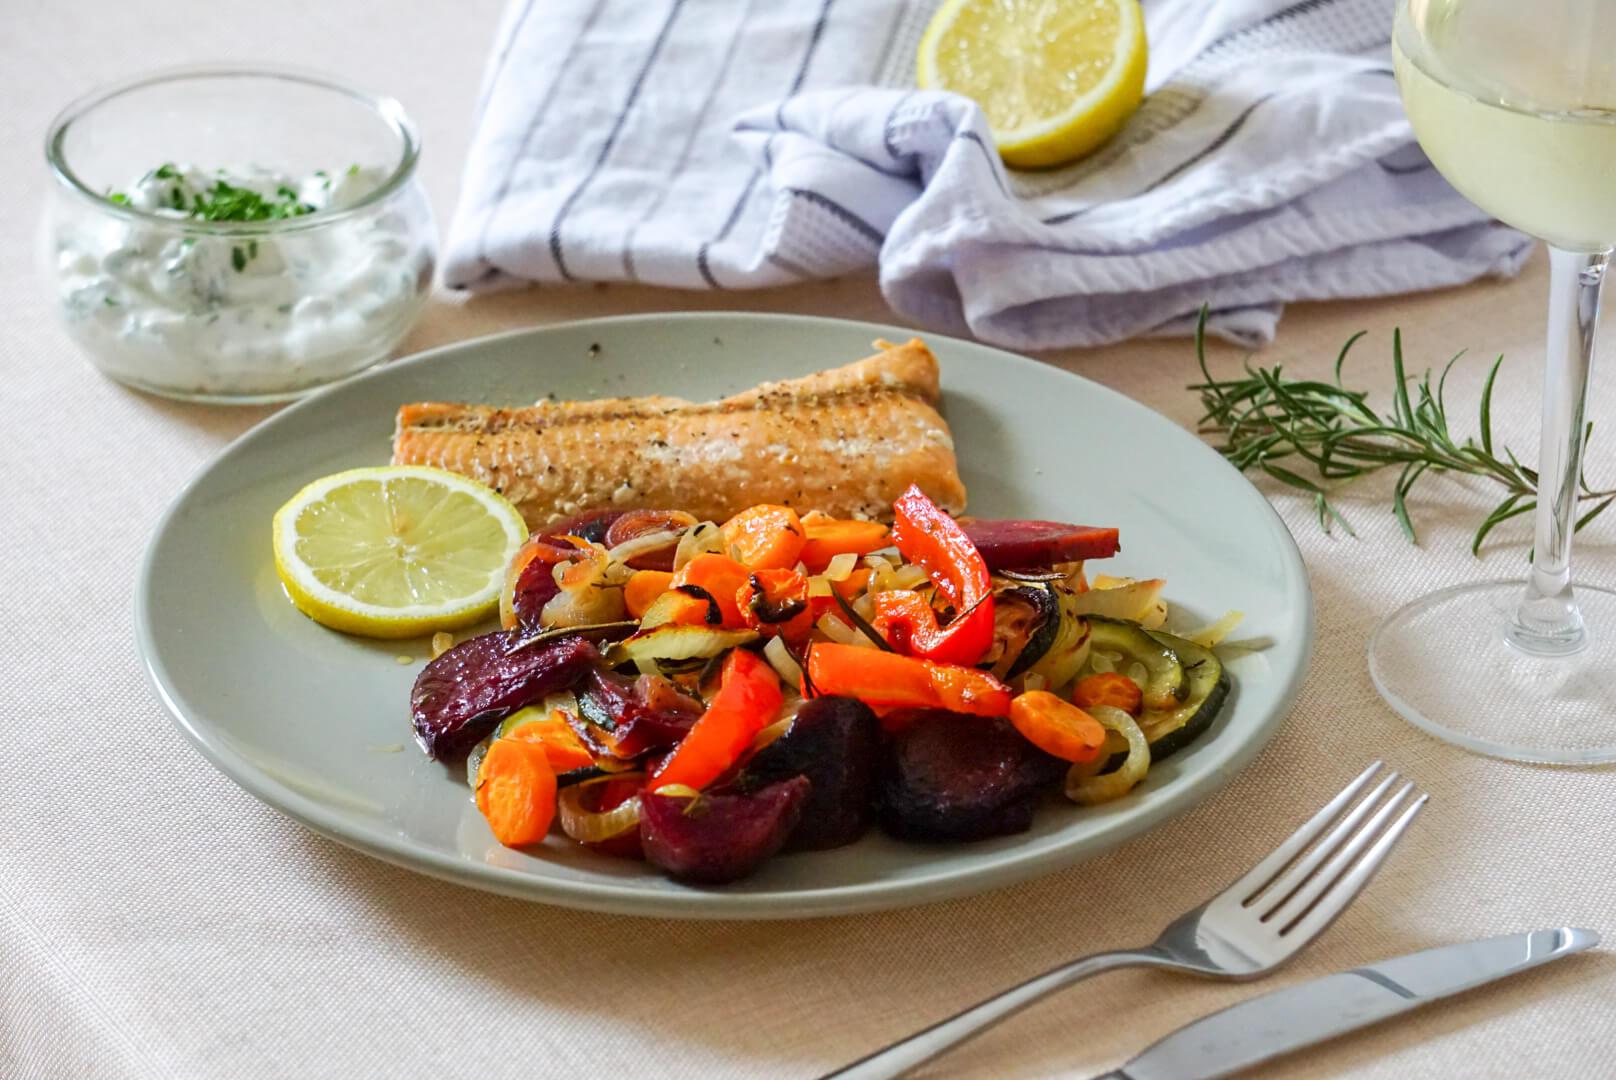 Im Ofen gebackene Rote-Beete, Parpika und Möhren auf einem Telller mit Lachs